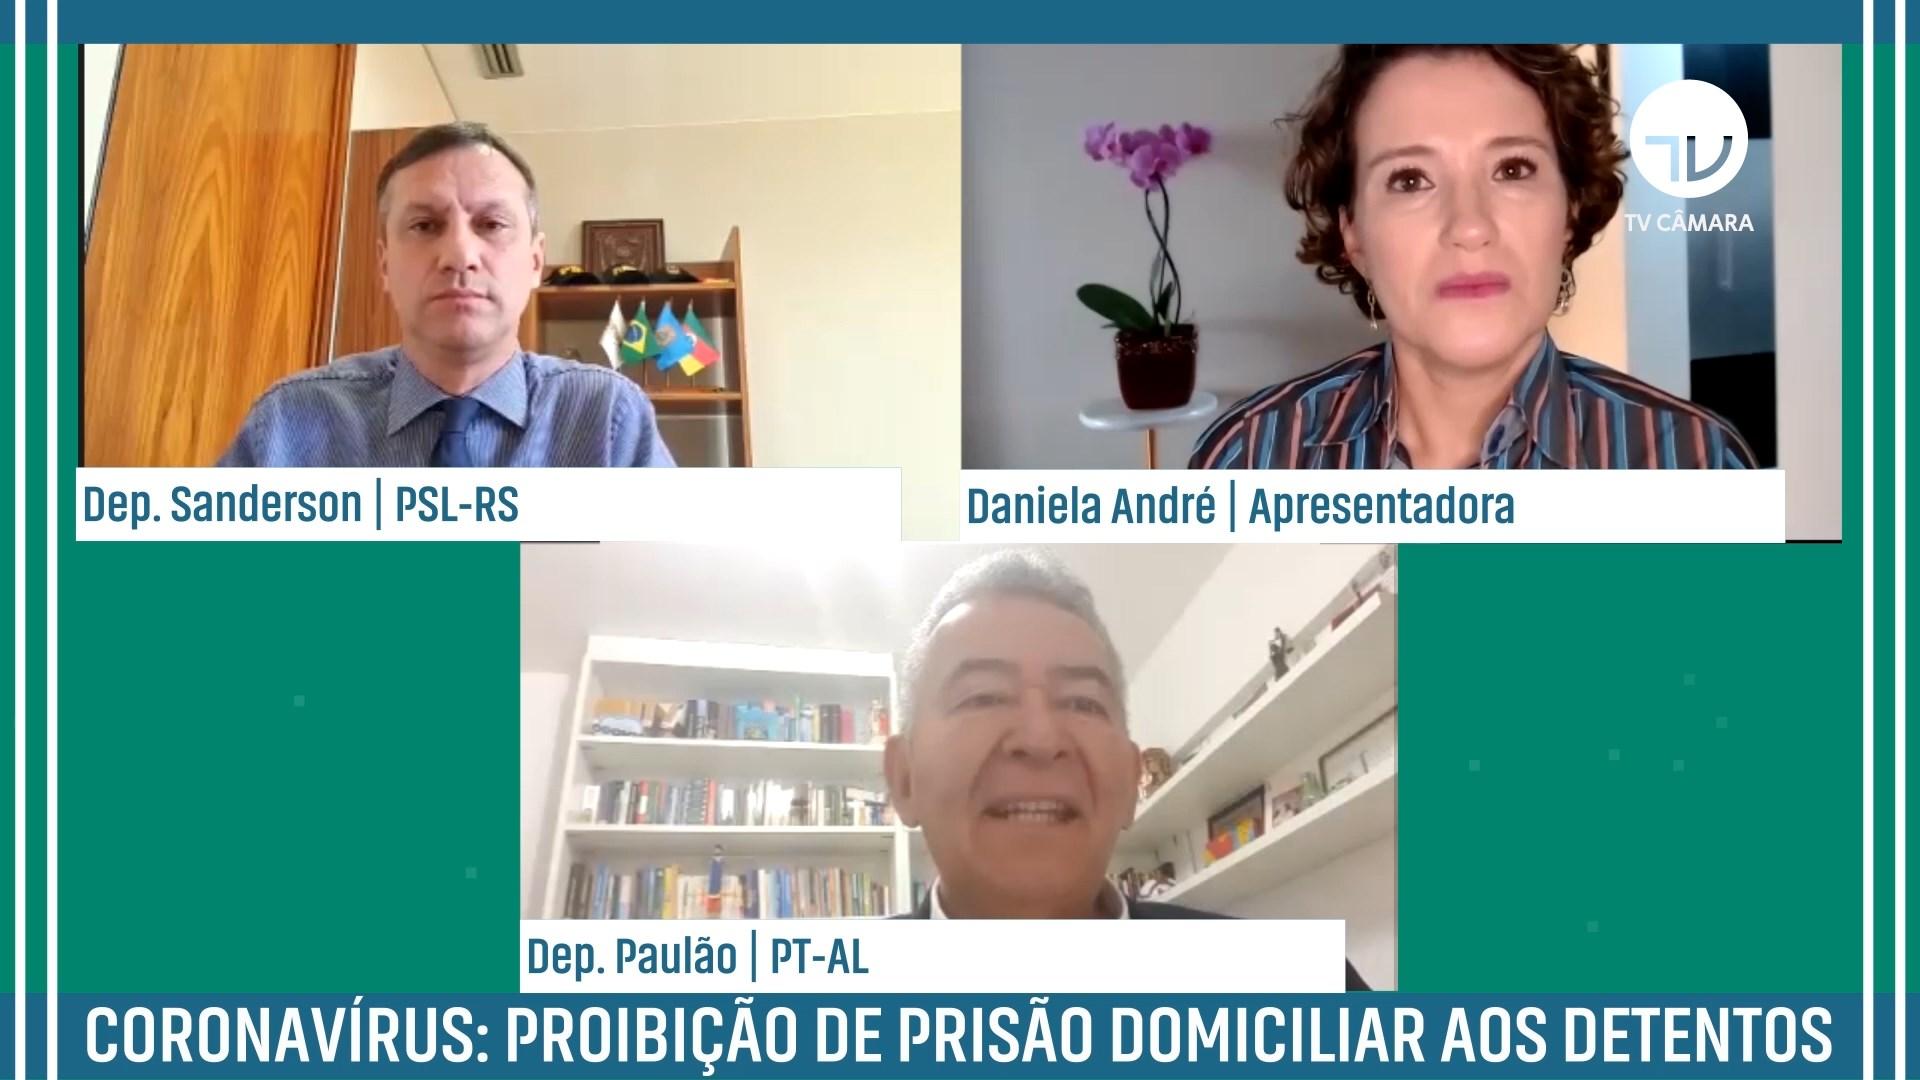 Coronavírus: proibição de prisão domiciliar aos detentos